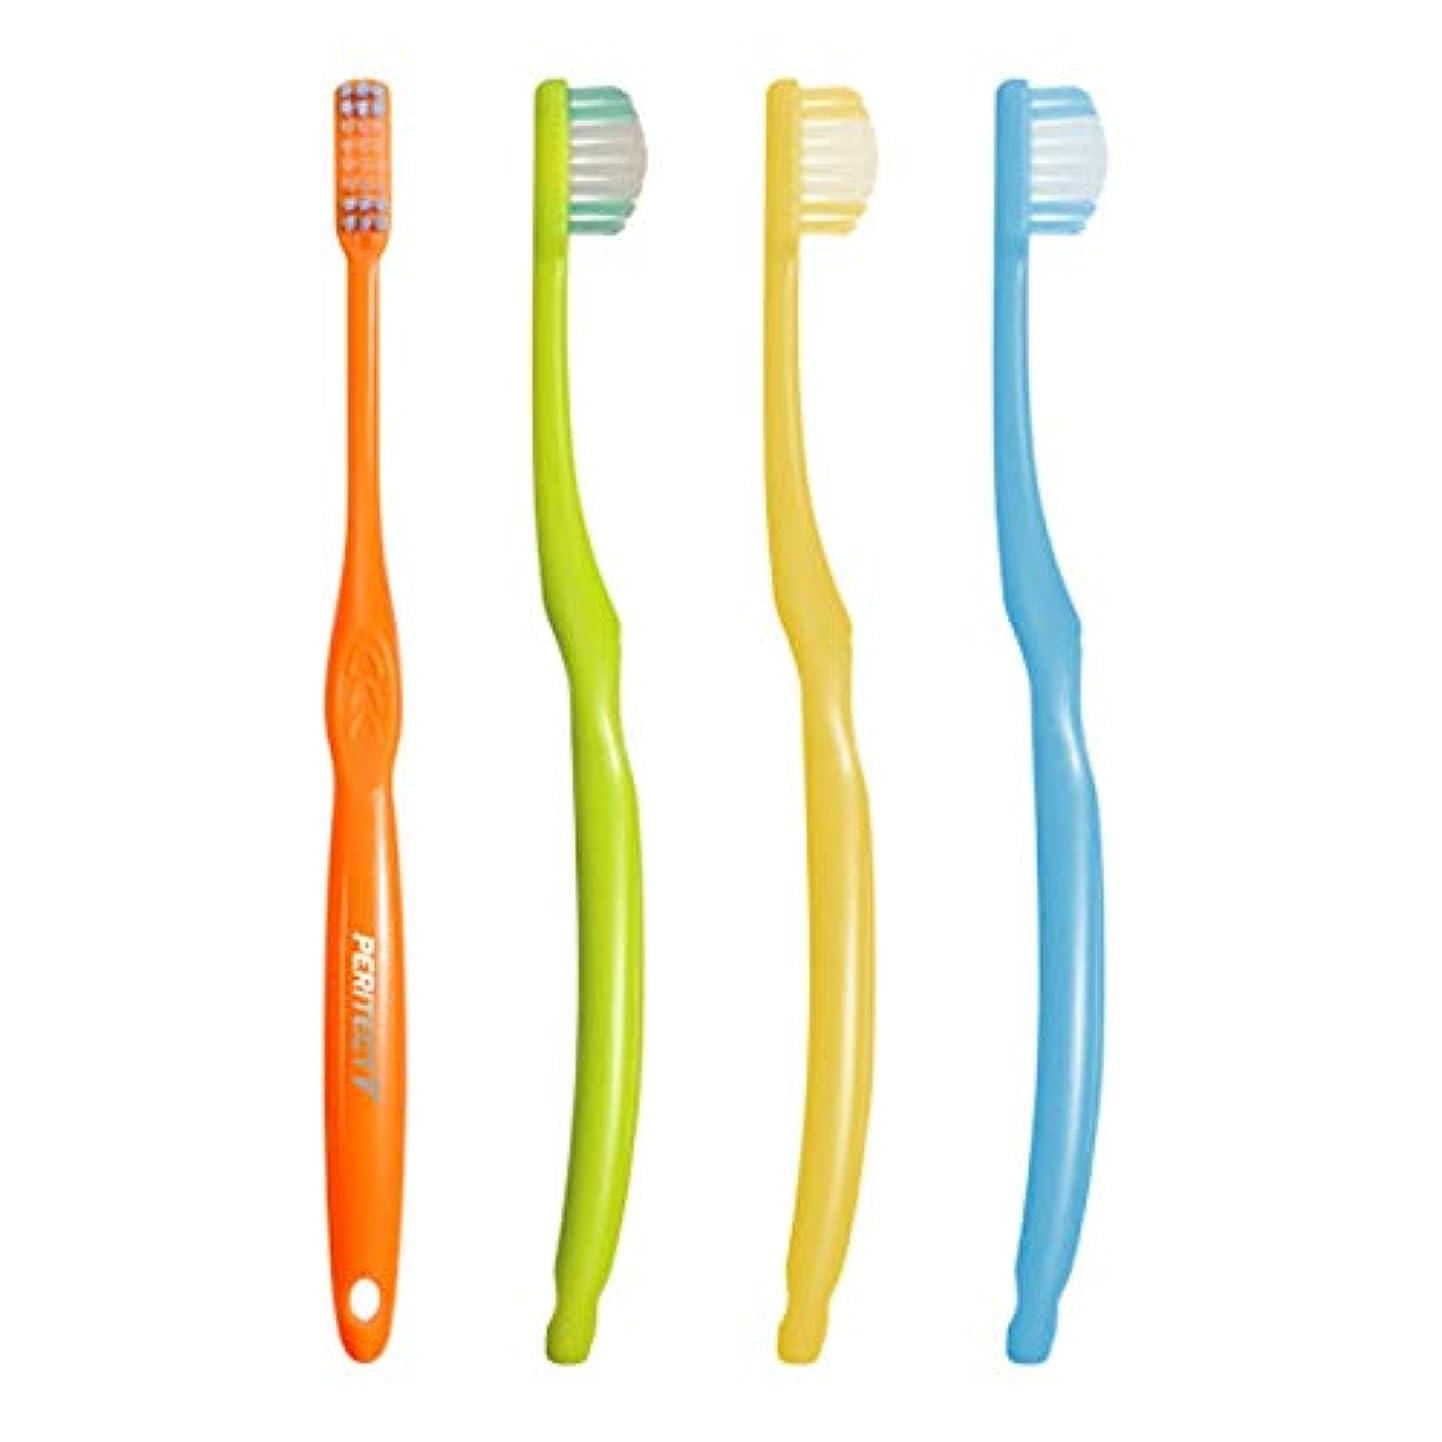 アーサーコナンドイル空教会ビーブランド PERITECT V ペリテクト ブイ 歯ブラシ (8M ふつう) × 5本 歯科専売品